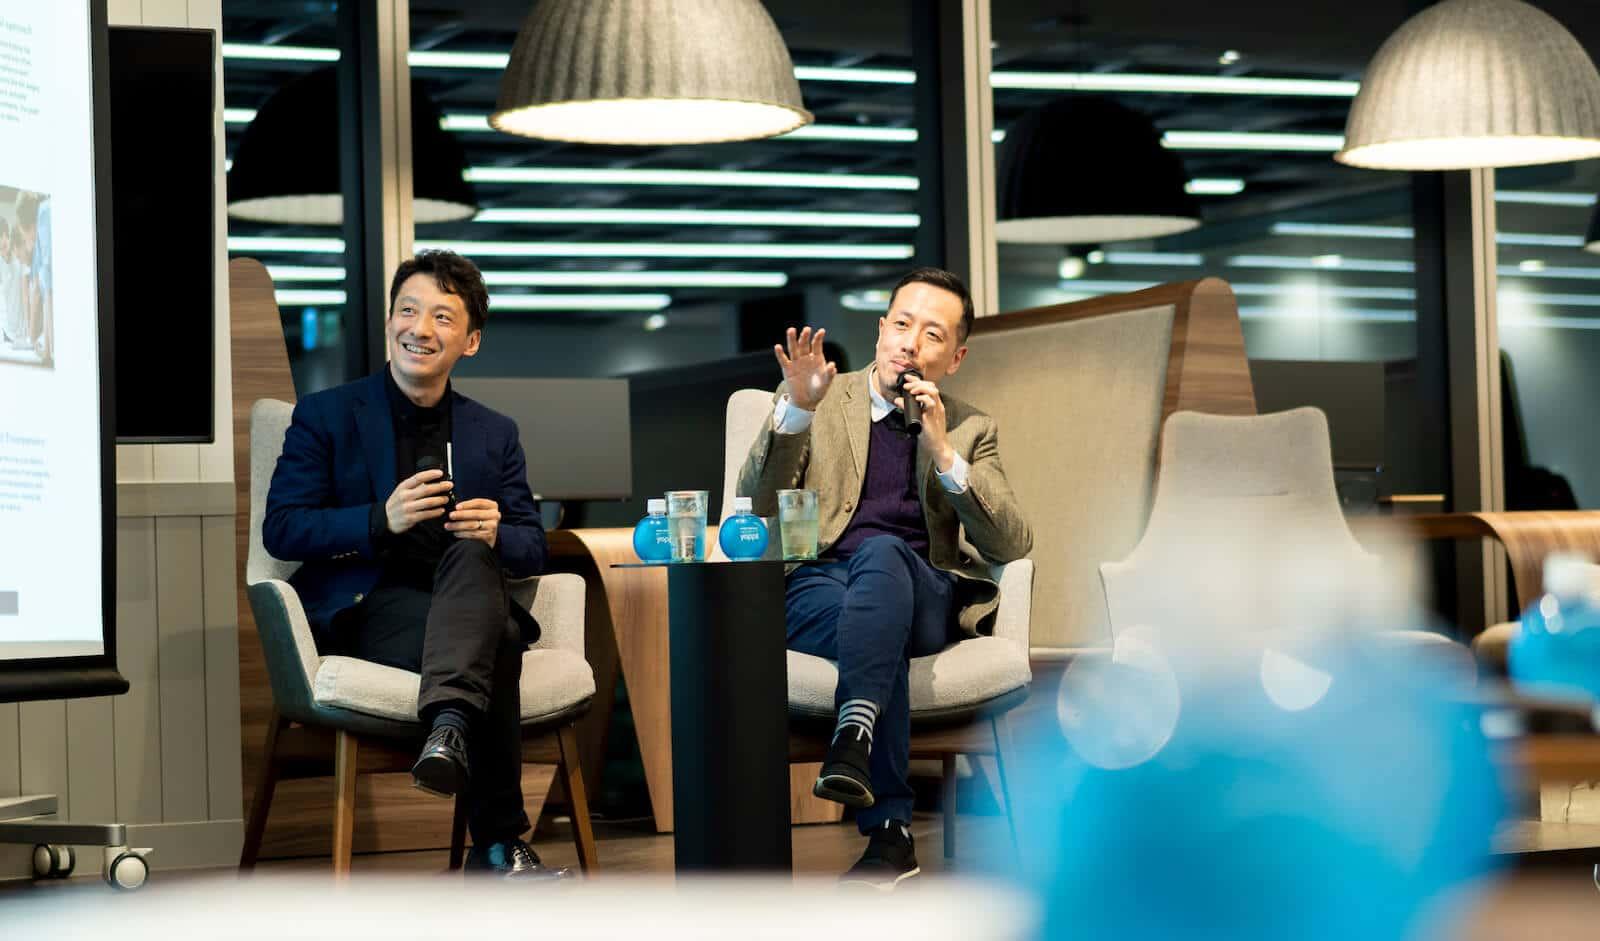 壇上で話す奥谷孝司氏(株式会社顧客時間 共同CEO)と伴大二郎氏(式会社オプト エグゼクティブ・スペシャリストパートナー)